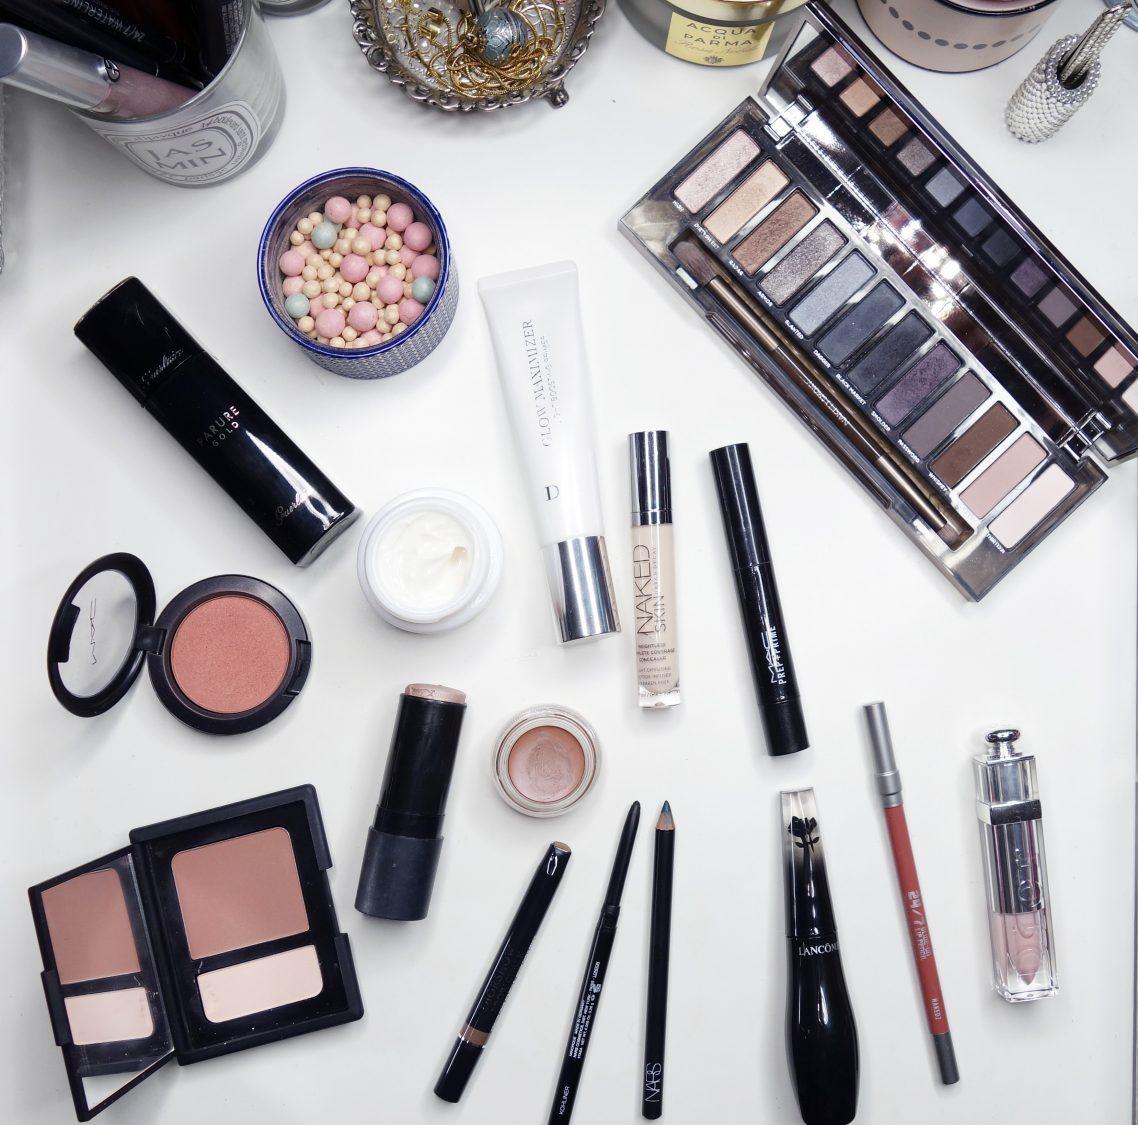 produtos usados no tutorial de maquiagem de natal